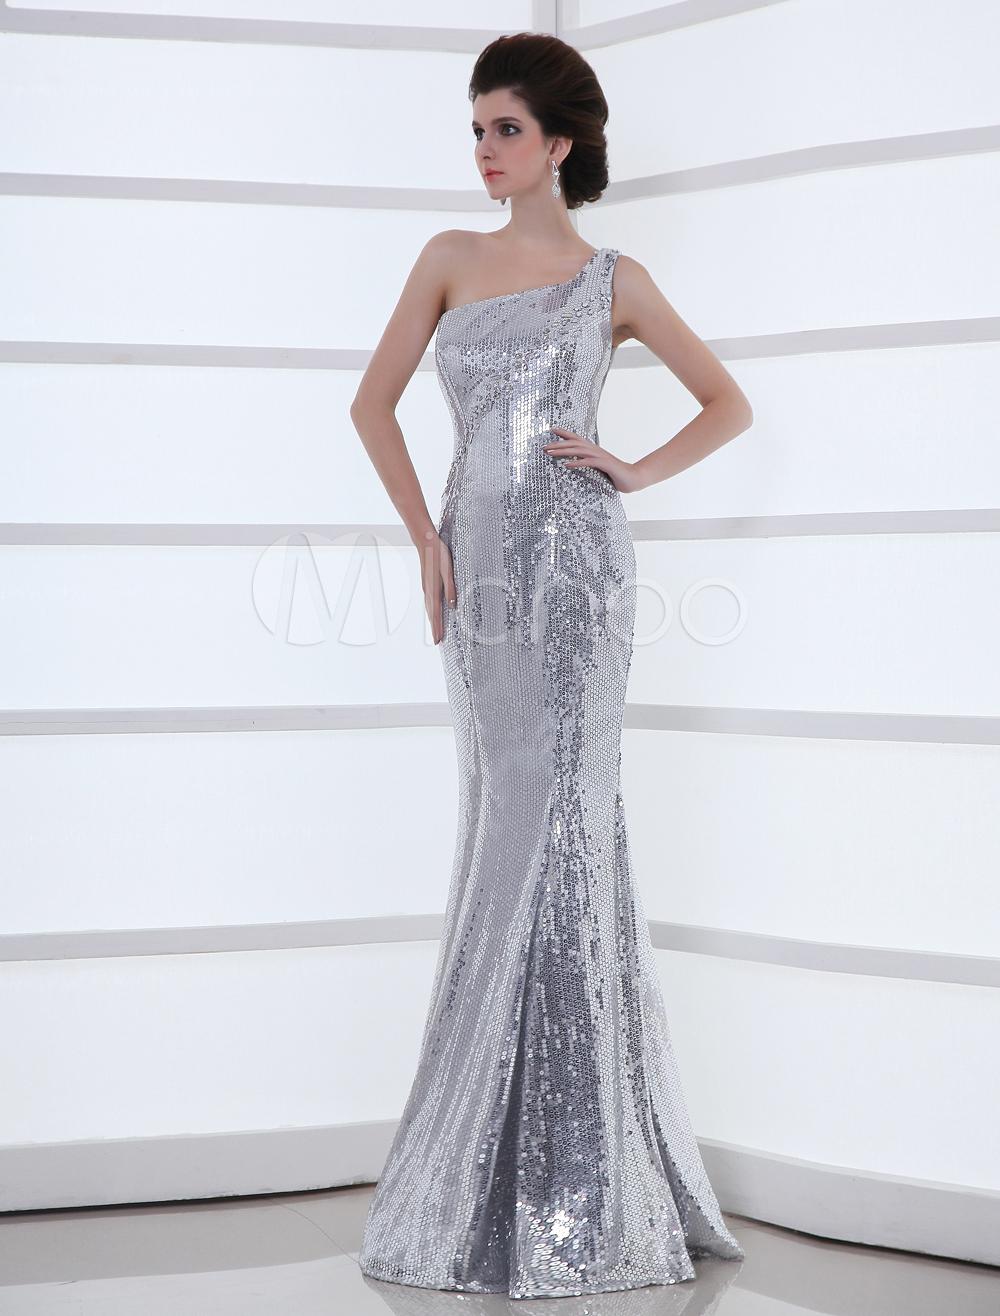 robe de soire sirne argente une paule avec paillettes milanoocom - Milanoo Robe De Soiree Pour Mariage